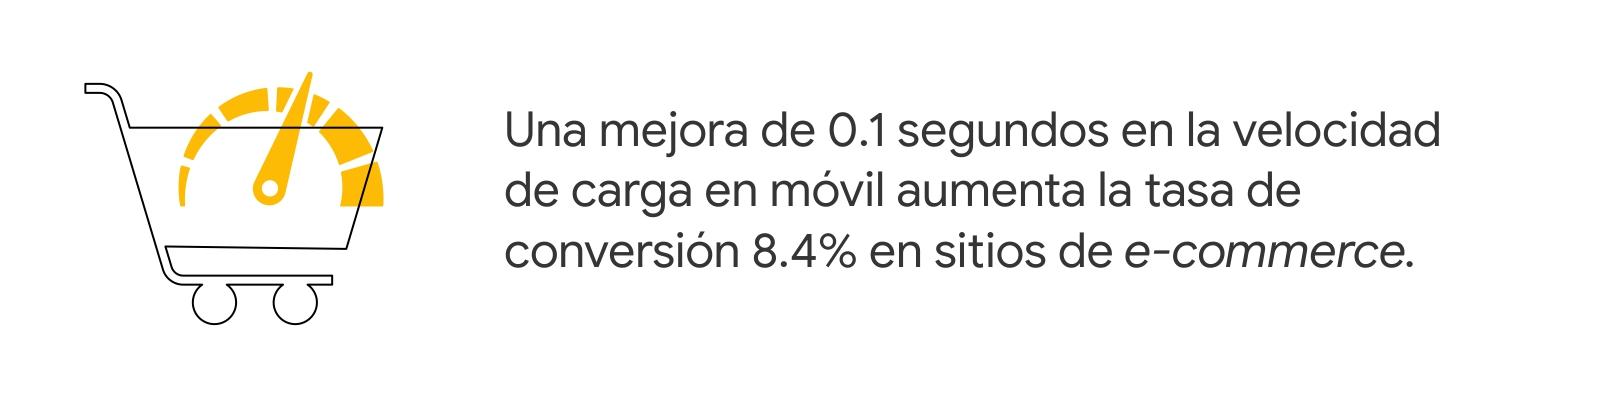 Un carrito de compras con una aguja que señala un crecimiento en velocidad. A la derecha, la estadística: Una mejora de 0.1 segundos en la velocidad de carga en móvil aumenta la tasa de conversión 8.4% en sitios de e-commerce.